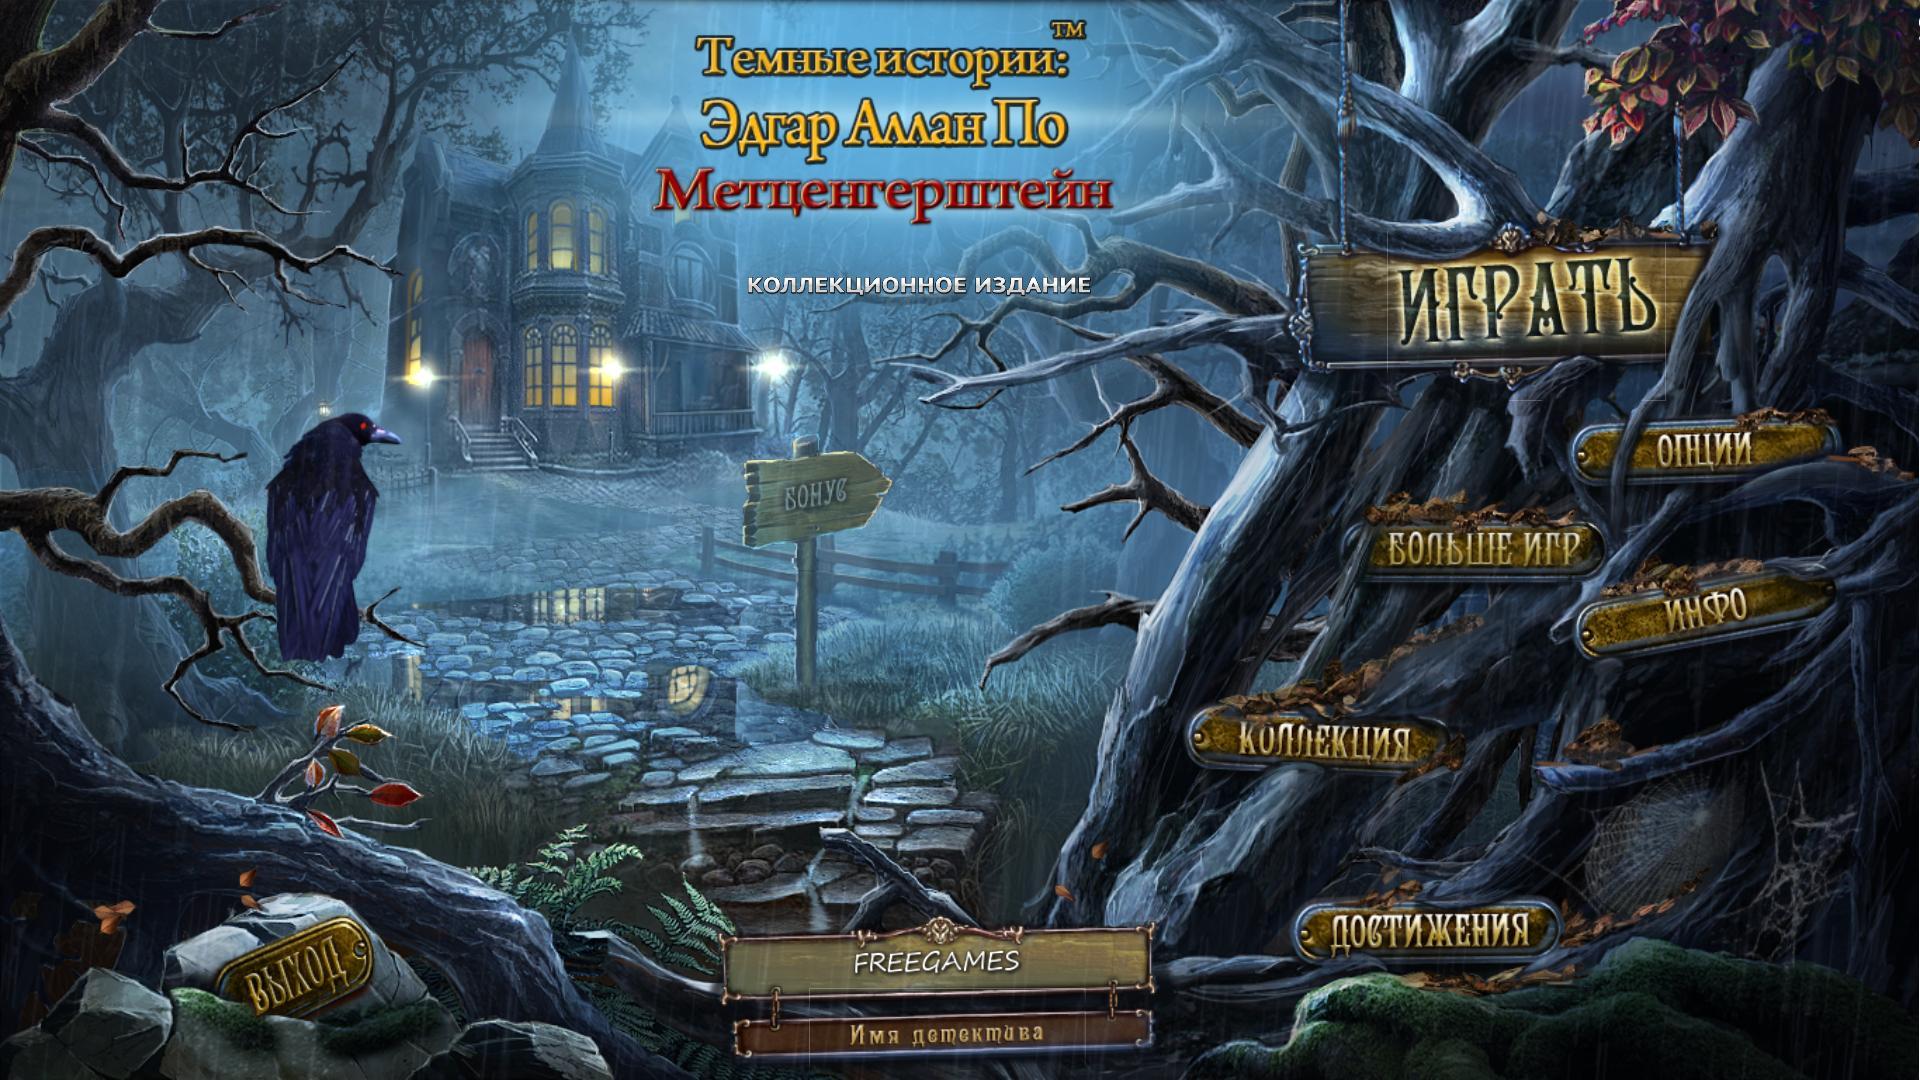 Темные истории 9: Эдгар Аллан По. Метценгерштейн. Коллекционное издание | Dark Tales 9: Edgar Allan Poe's Metzengerstein CE (Rus)